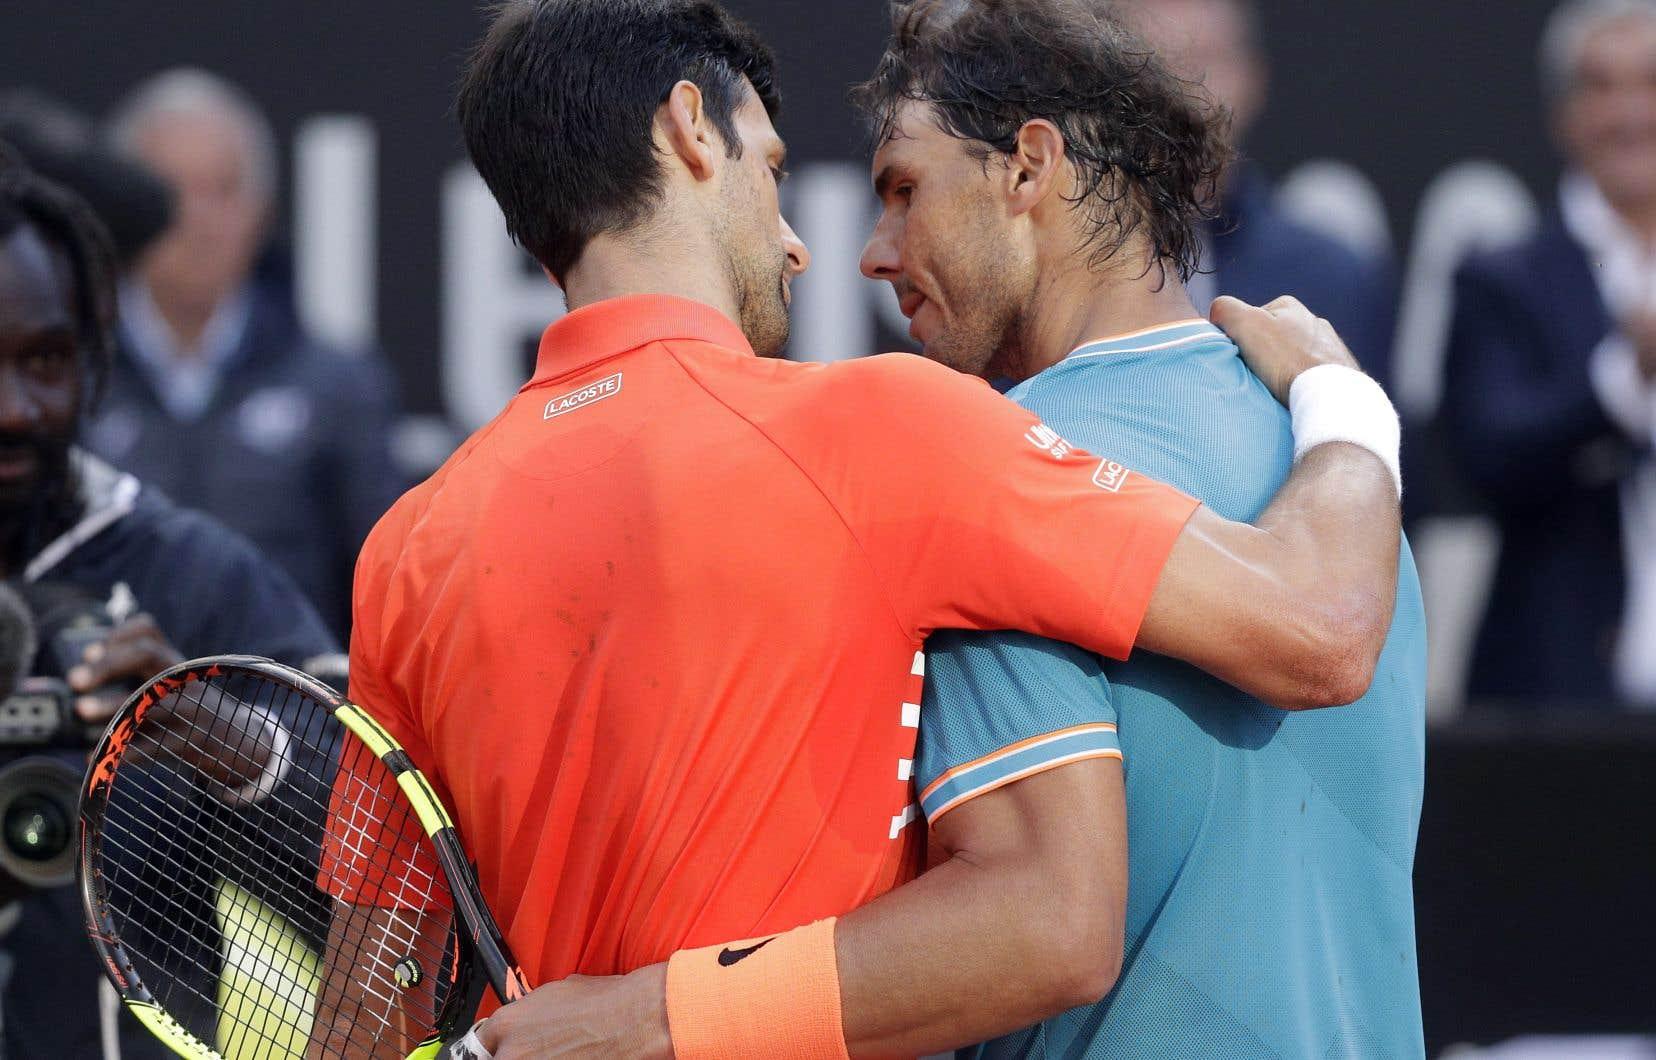 Novak Djokovic et Rafael Nadal se sont affrontés en finale du tournoi de Rome, dimanche dernier. Ensemble, avec Roger Federer, ils dominent le circuit mondial de tennis depuis une douzaine d'années.